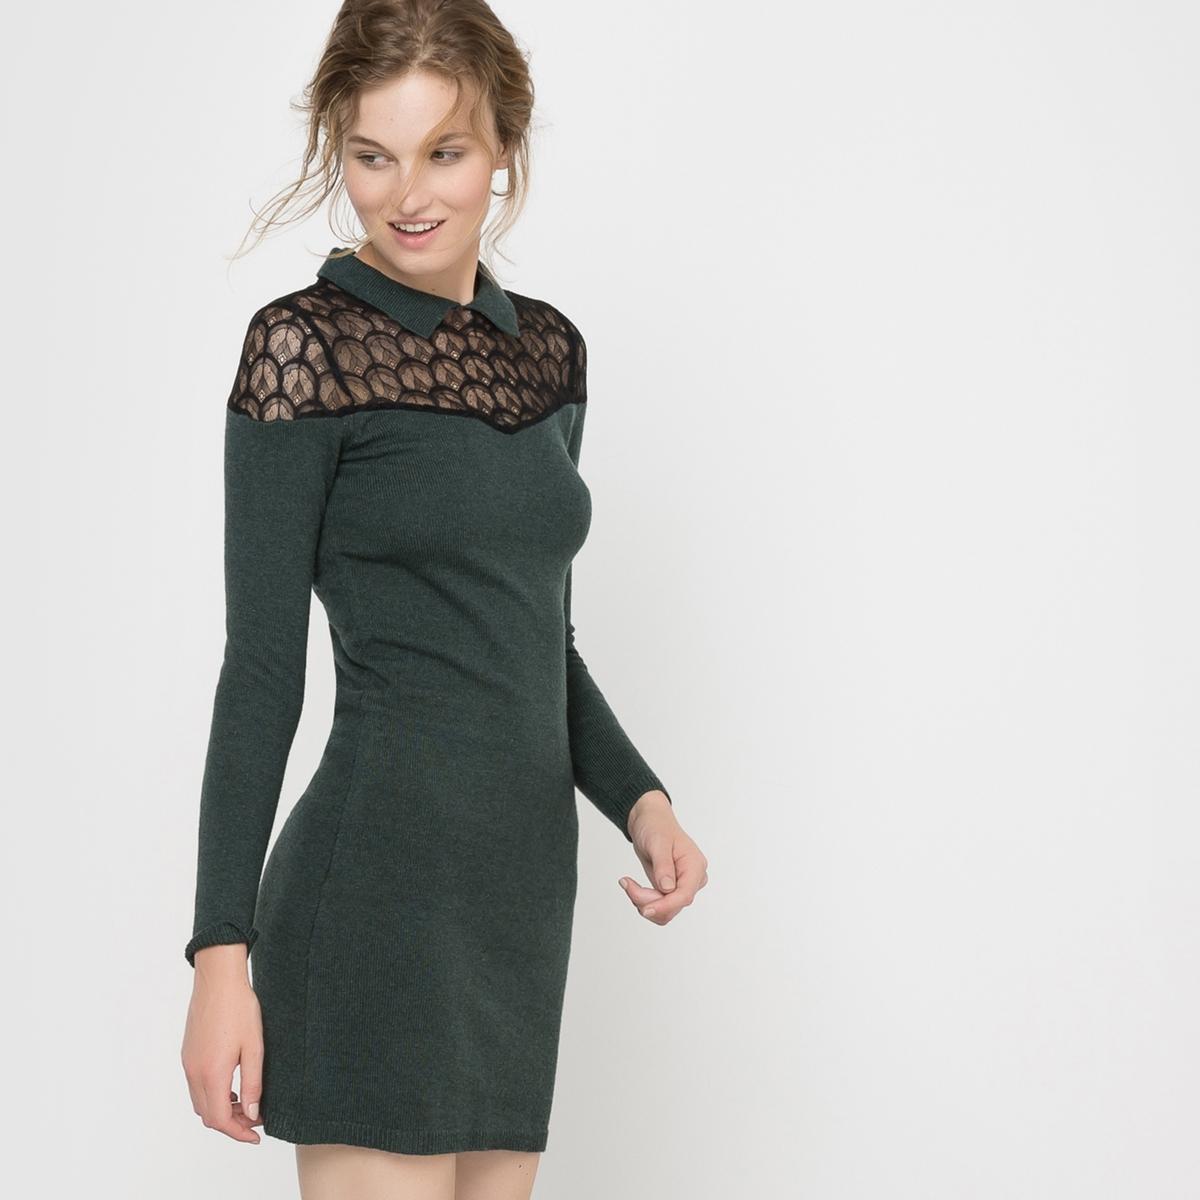 Платье из вязаного трикотажа и кружеваПлатье с длинными рукавами Mademoiselle R. Платье из вязаного трикотажа. Прямой покрой. Вставка из кружева на воротнике. Воротник-поло. Застежка на молнию сзади.Состав и описаниеМарка : Mademoiselle R.Материал : 50% полиамида, 45% вискозы, 5% альпаки Длина : 90 смУходМашинная стирка при 30 °C   Стирать с вещами схожих цветовСтирать и гладить при очень низкой температуре с изнаночной стороныГладить кружево запрещается<br><br>Цвет: темно-зеленый,темно-синий,черный<br>Размер: 38/40 (FR) - 44/46 (RUS)